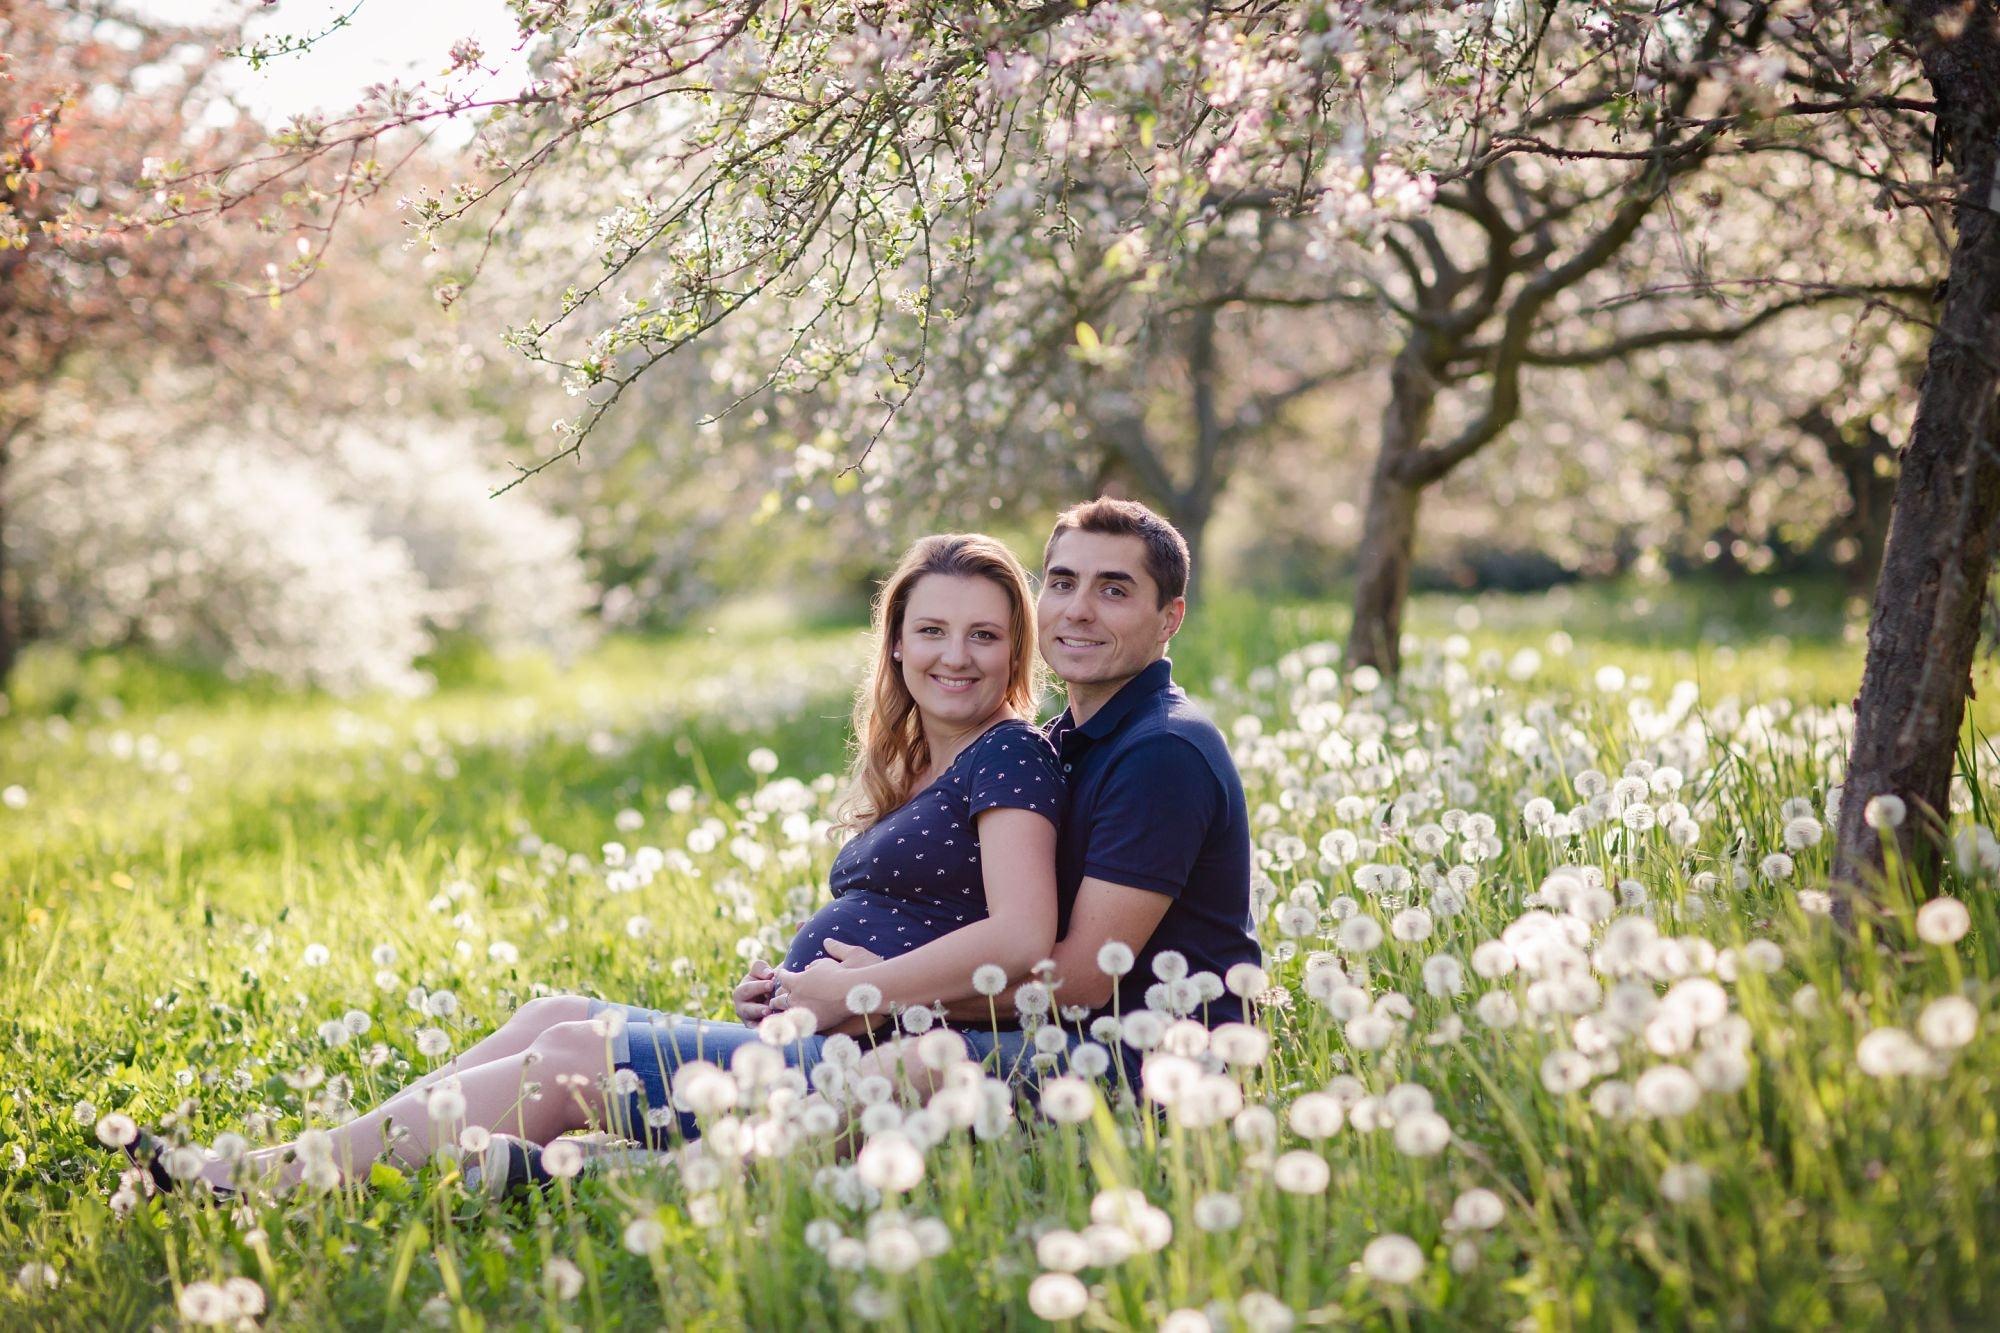 Tehotenske foceni Praha, foceni tehulek v Dendrologicke zahrade, tehotenske foto